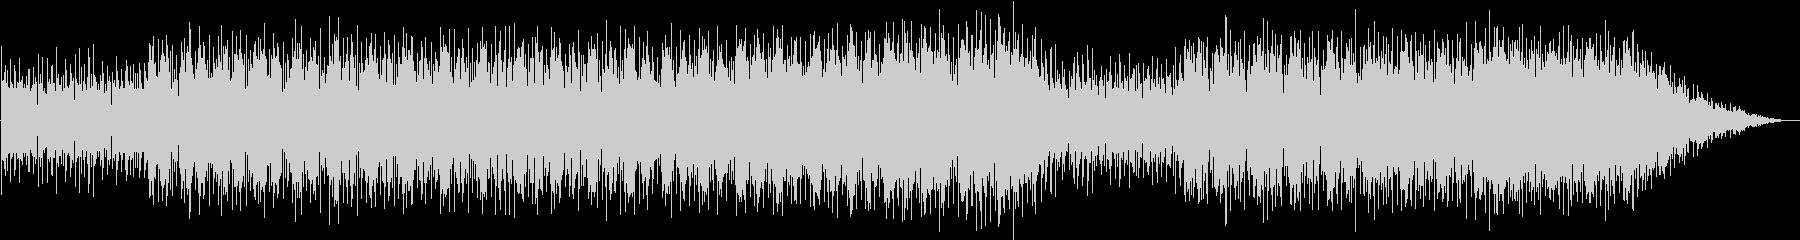 80sアジアンテイストシンセミュージックの未再生の波形